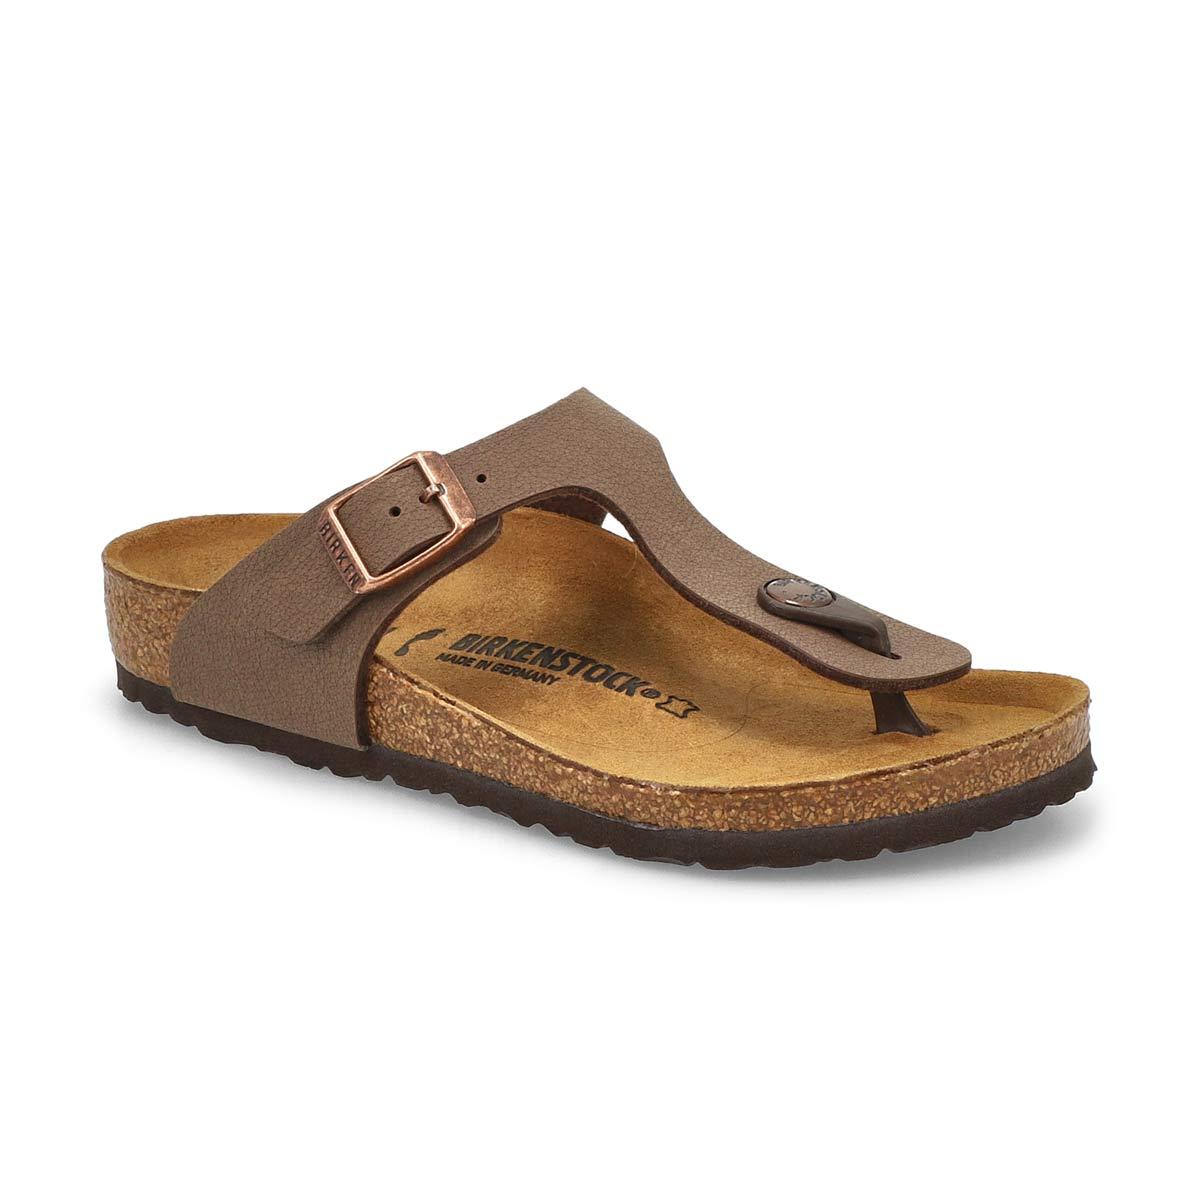 Girls' Gizeh Narrow Sandal - Mocha